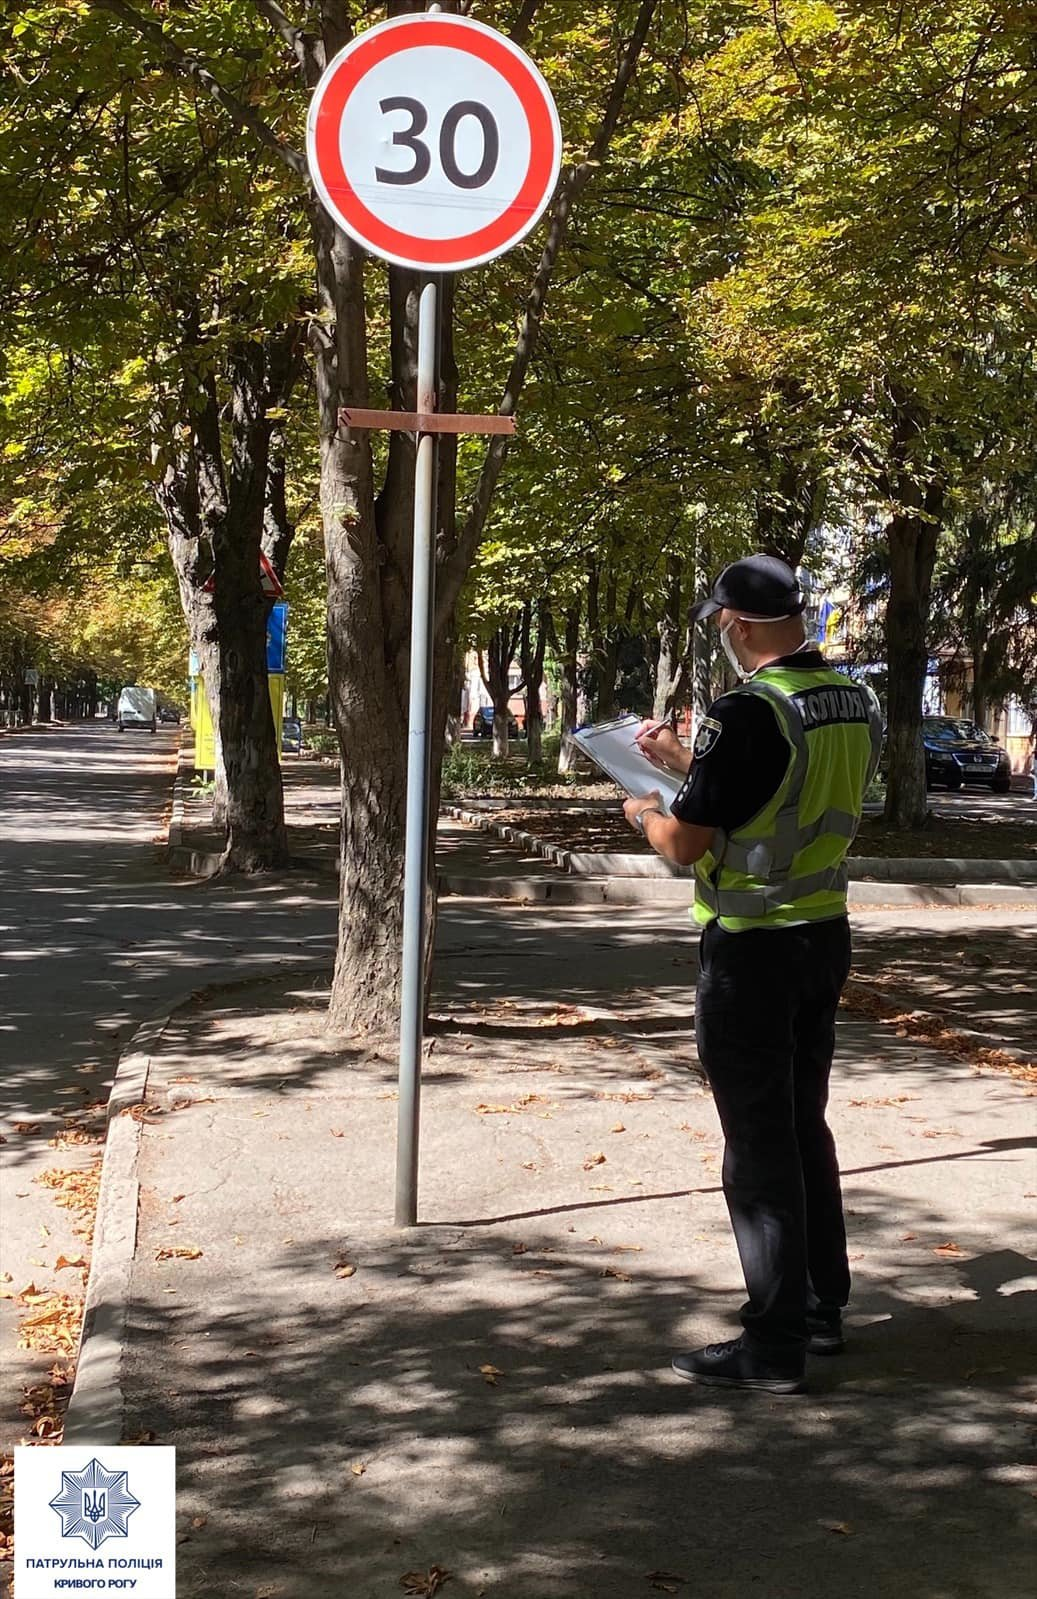 Патрульные обследуют улично-дорожную сеть возле учебных заведений Кривого Рога, - ФОТО, фото-3